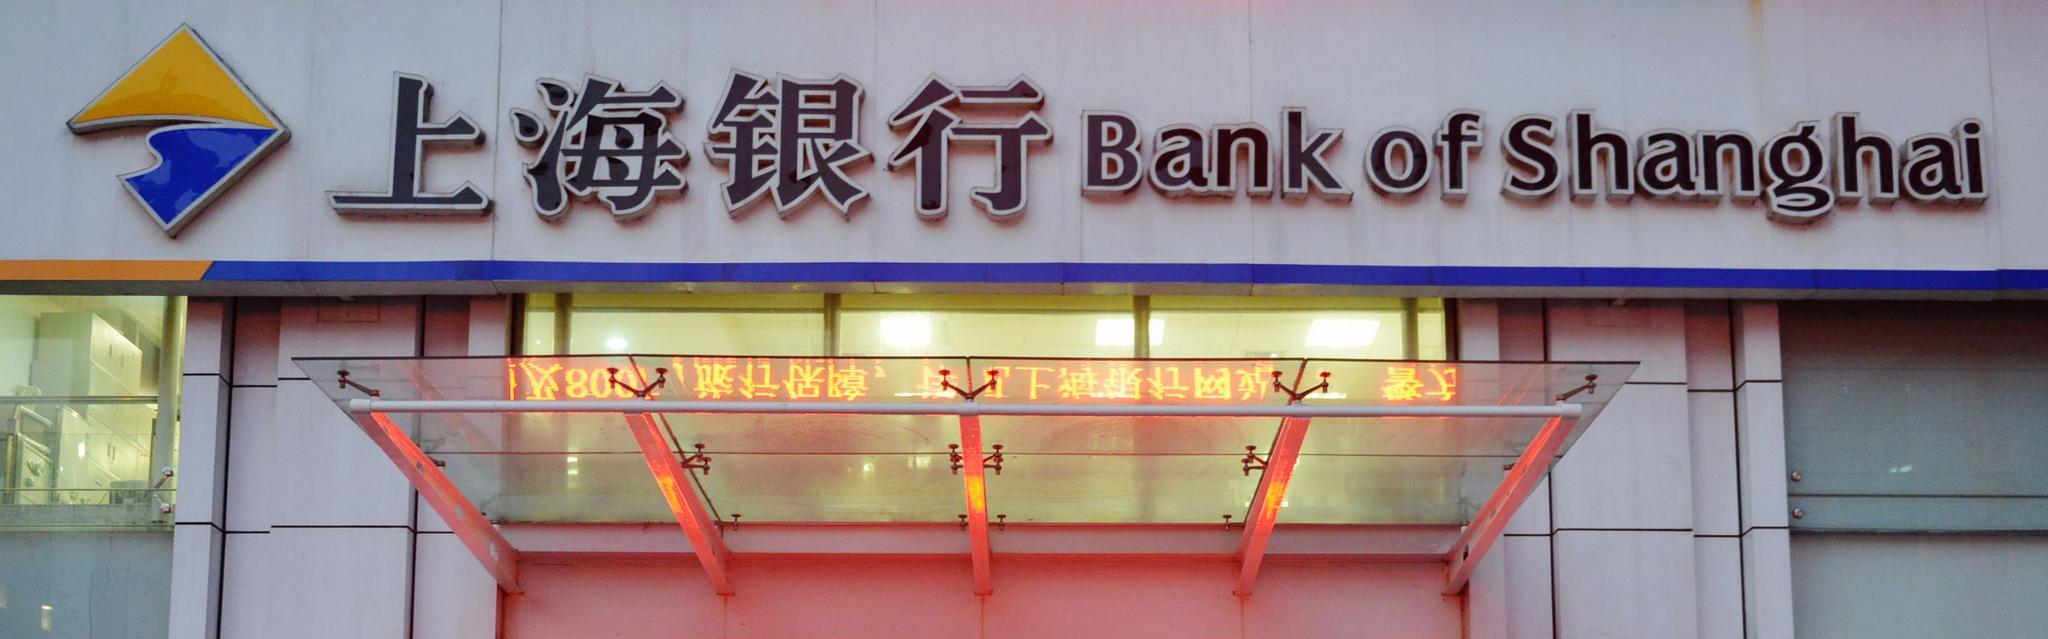 新华财经 上海银行将发行200亿元可转债